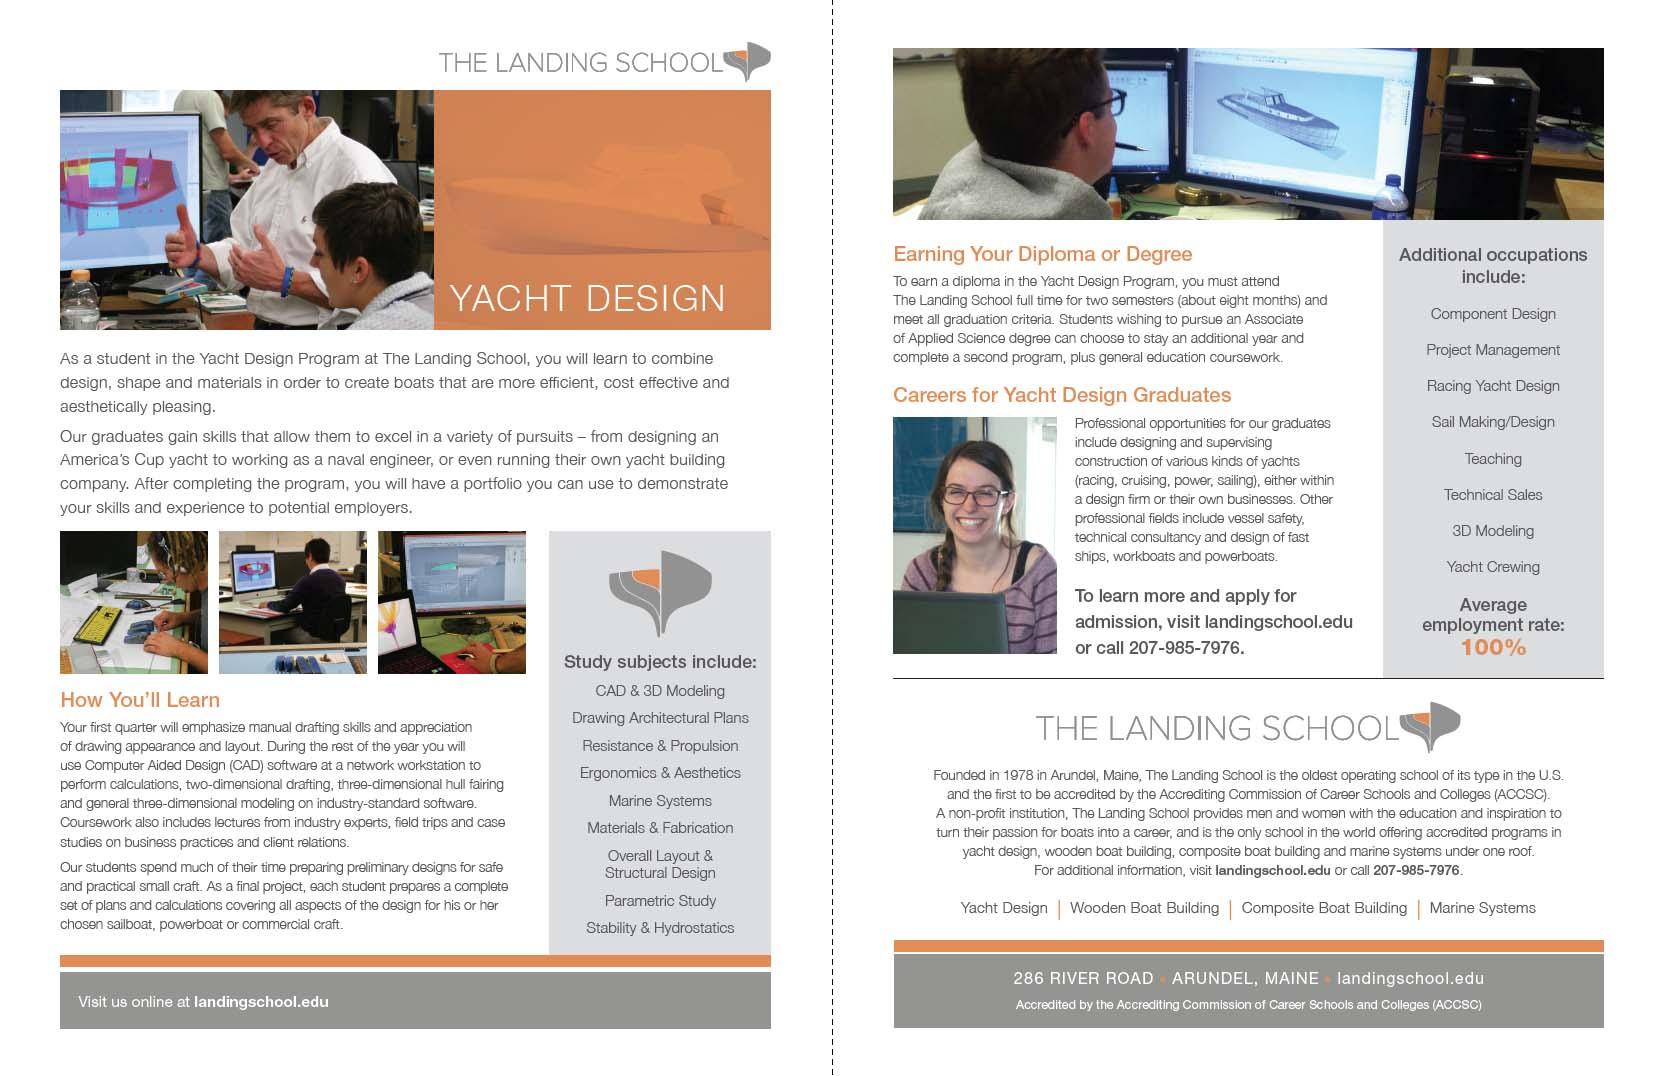 Trade School Fact Sheet for Yacht Design Curriculum